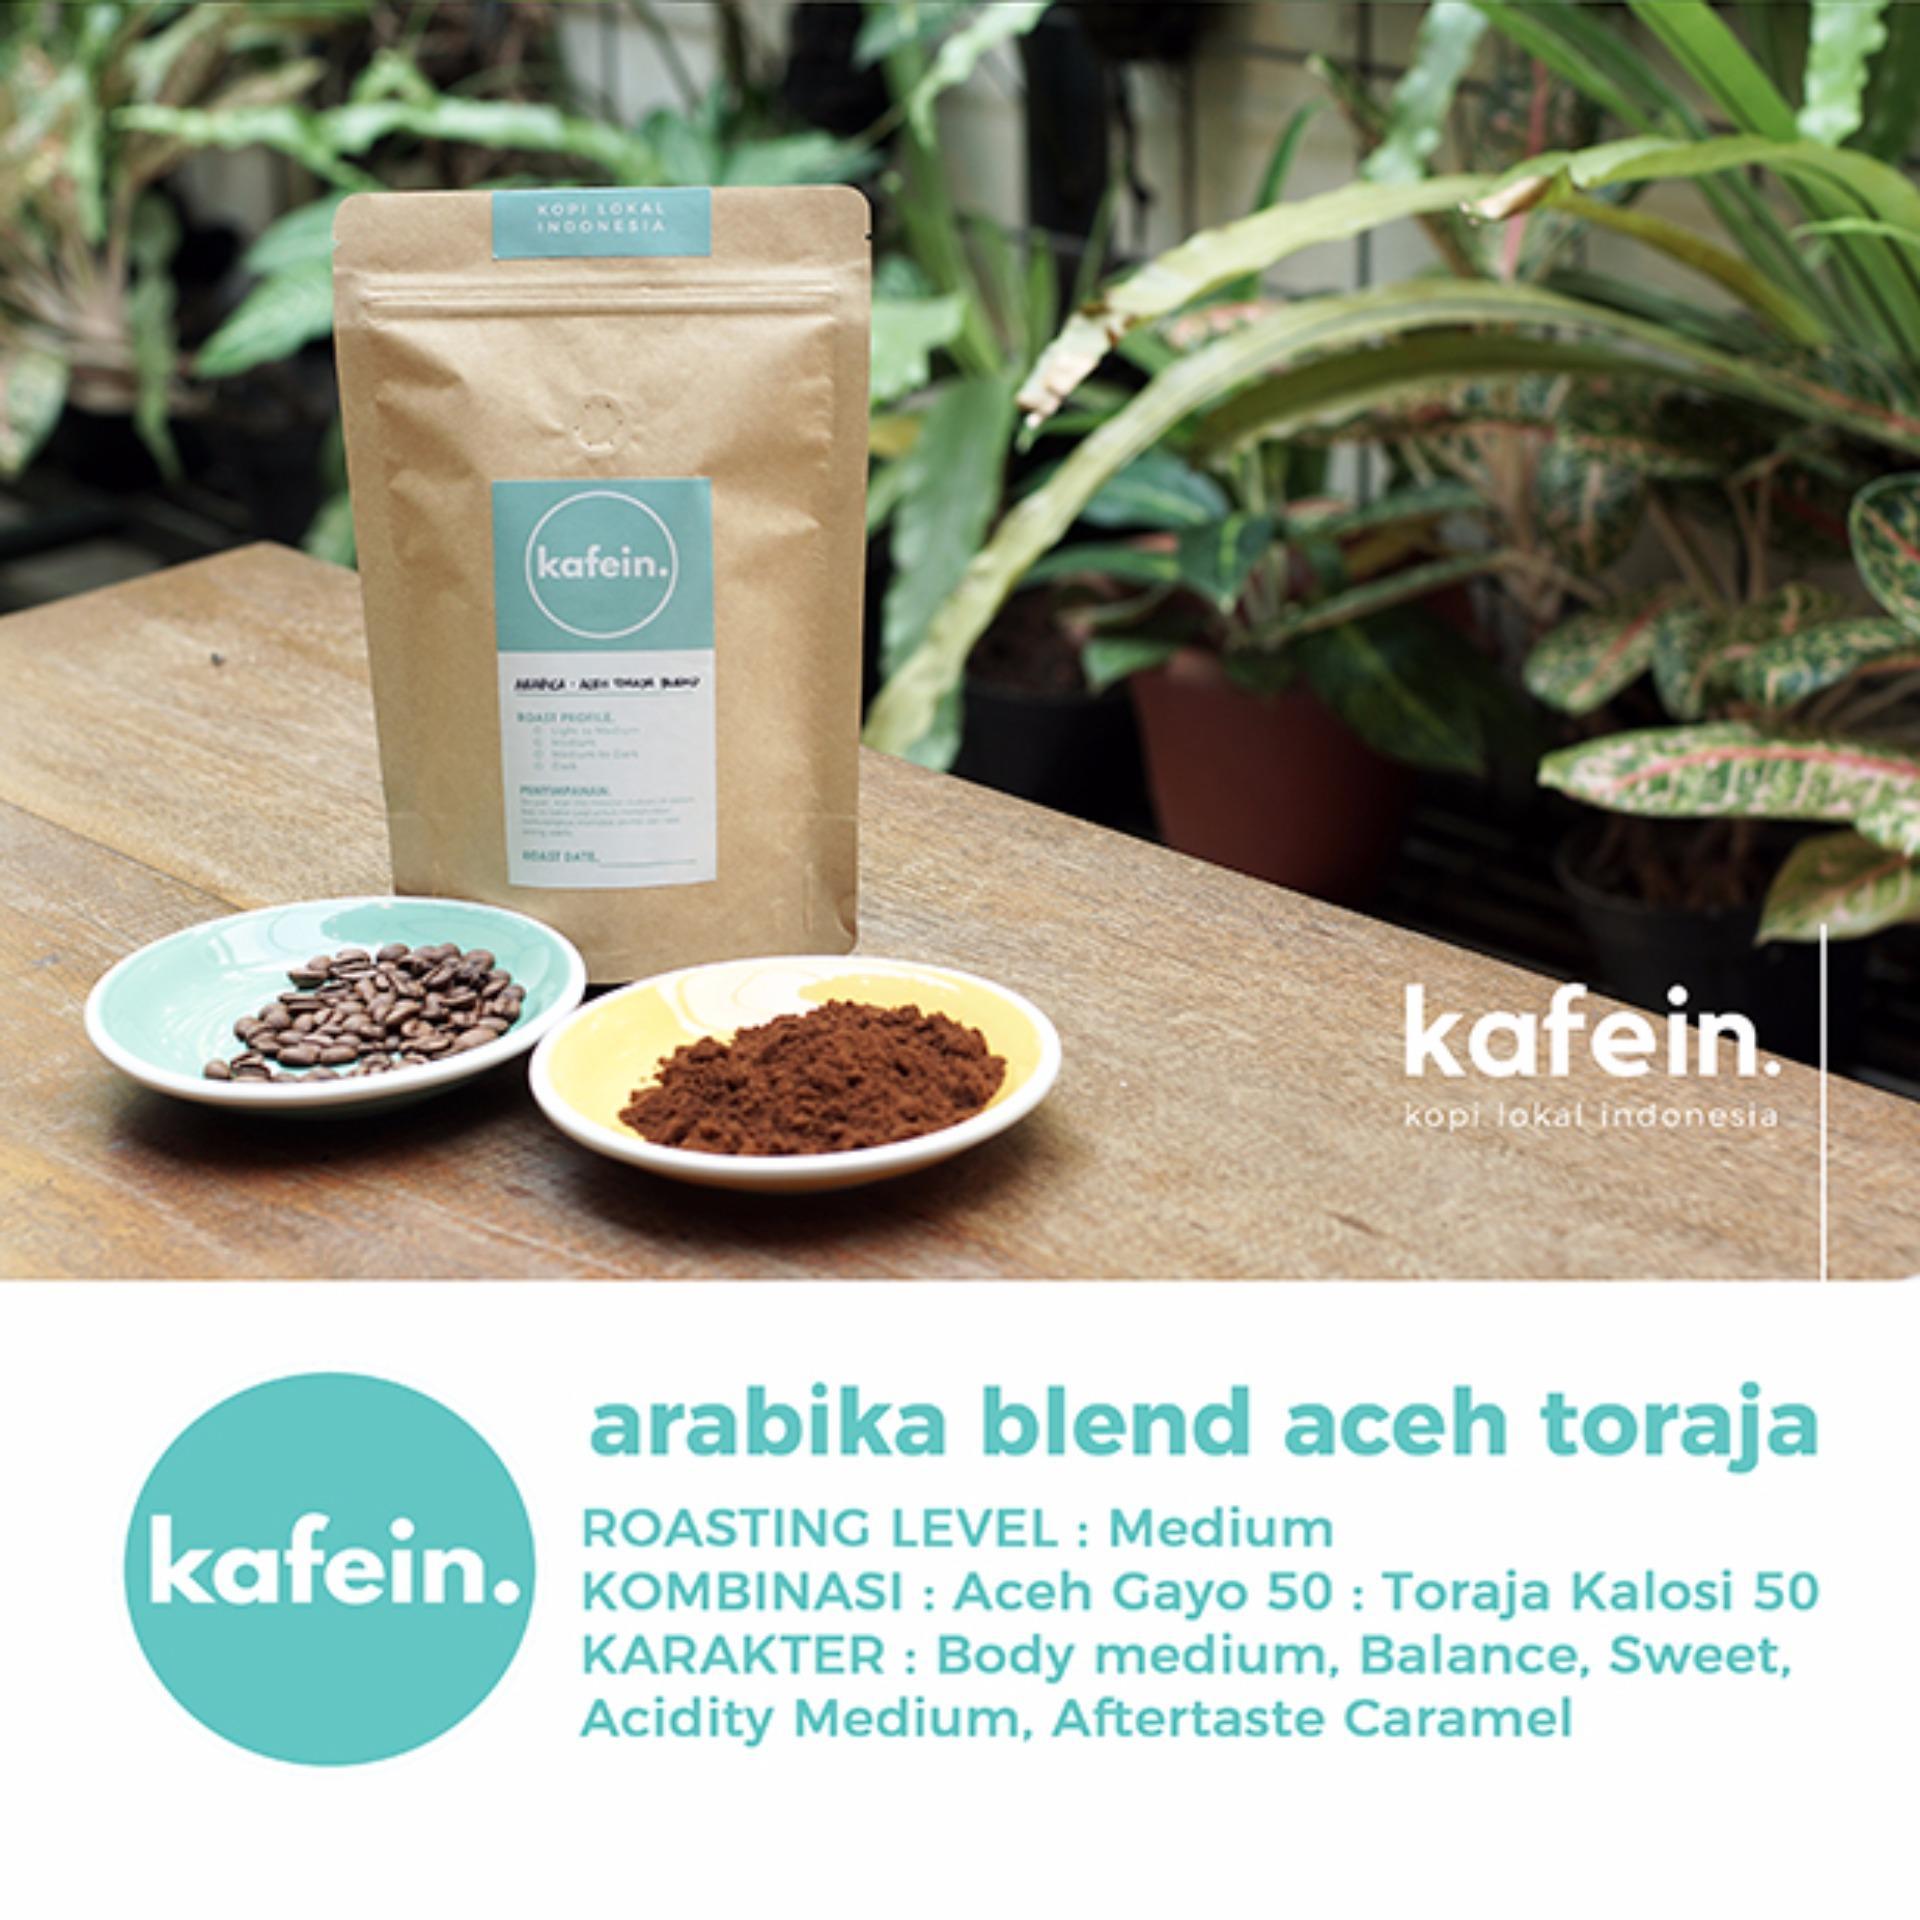 Beli Kopi Arabika Blend Aceh Toraja 250 Gram Biji Bubuk Kafein Online